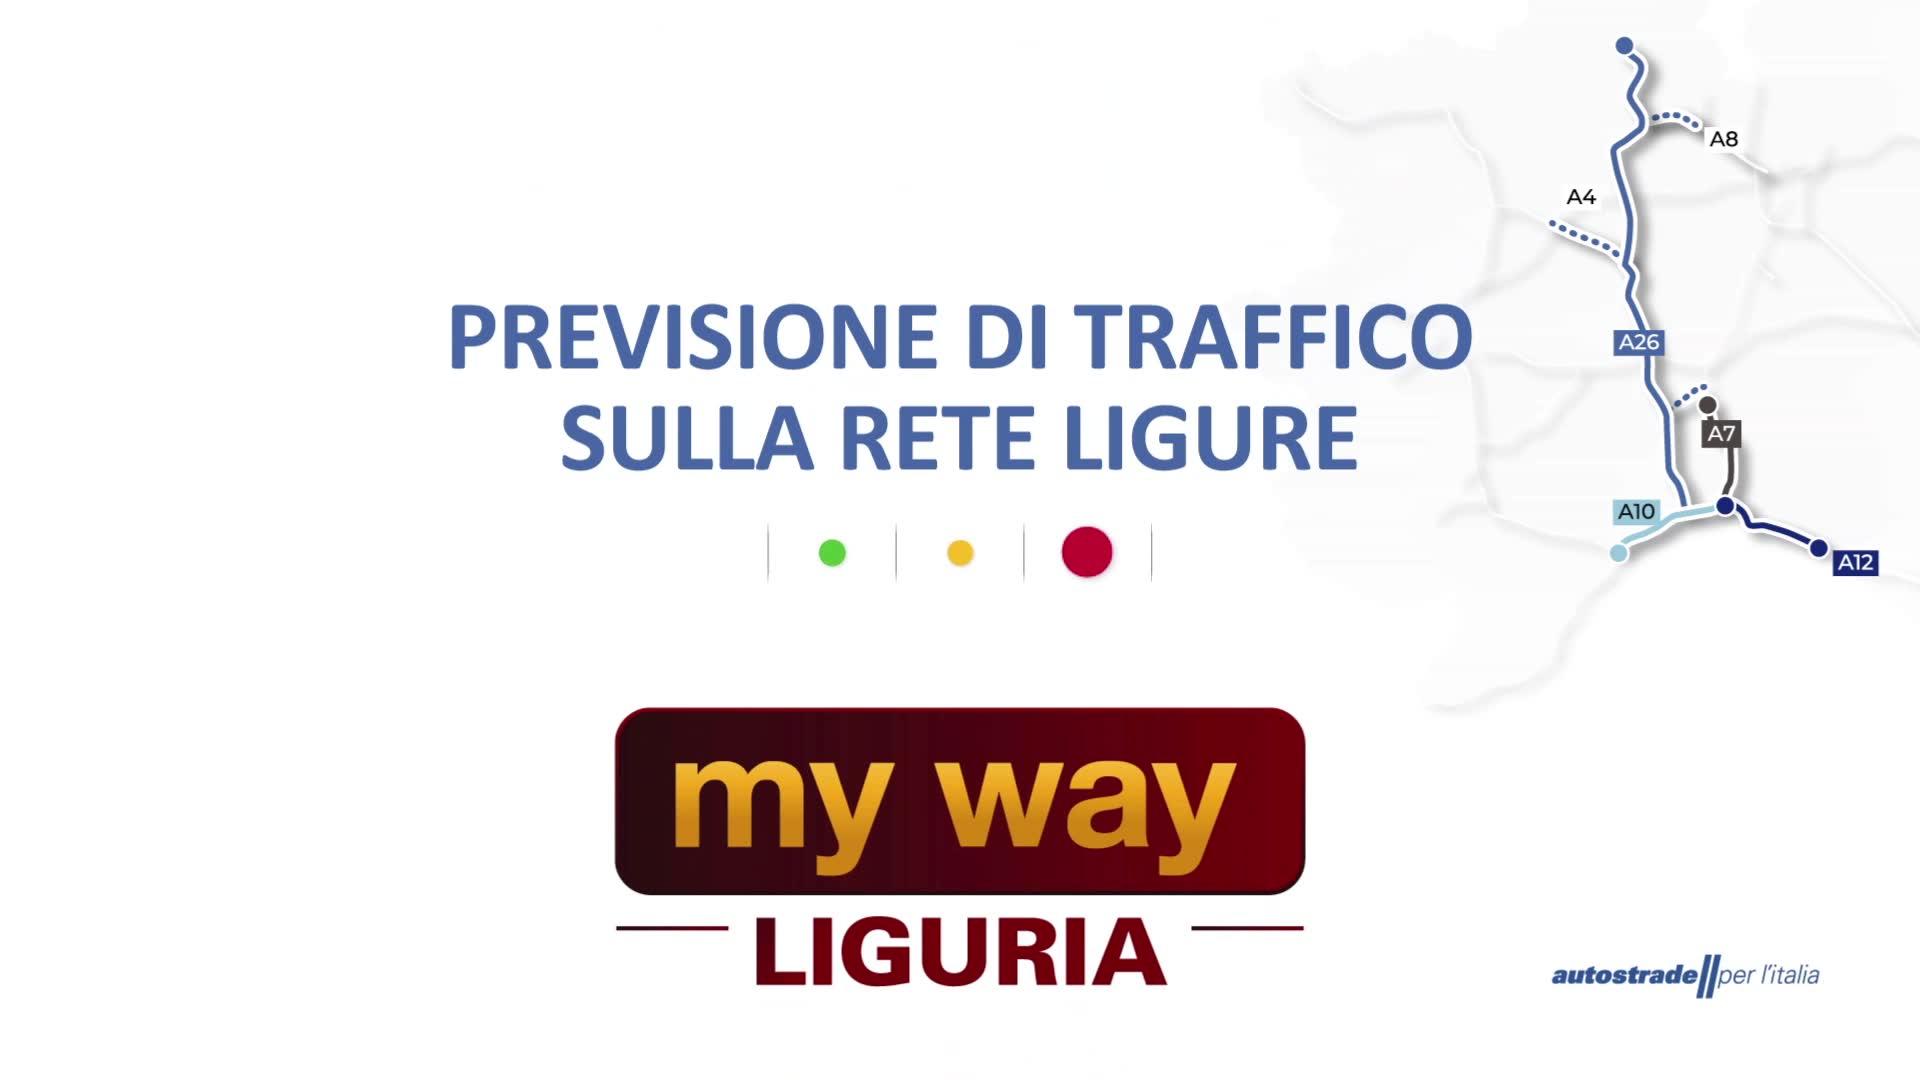 Le previsioni del traffico sulle autostrade della Liguria per la giornata di martedì 27 luglio